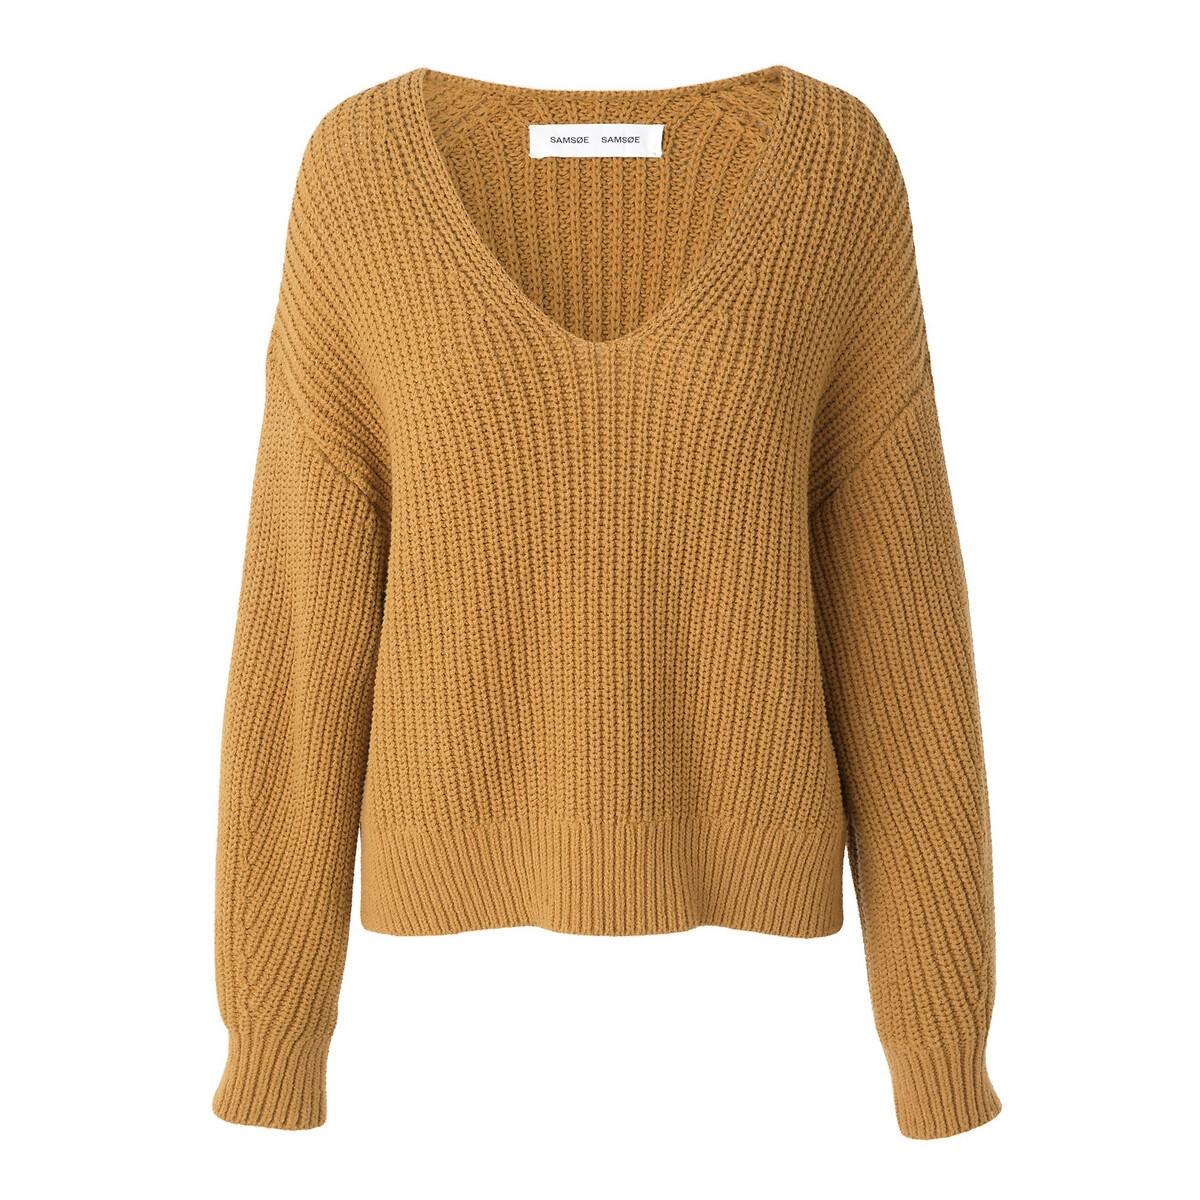 Фото - Пуловер La Redoute С V-образным вырезом из плотного трикотажа S каштановый пуловер la redoute с v образным вырезом из тонкого трикотажа florestine 2 m серый